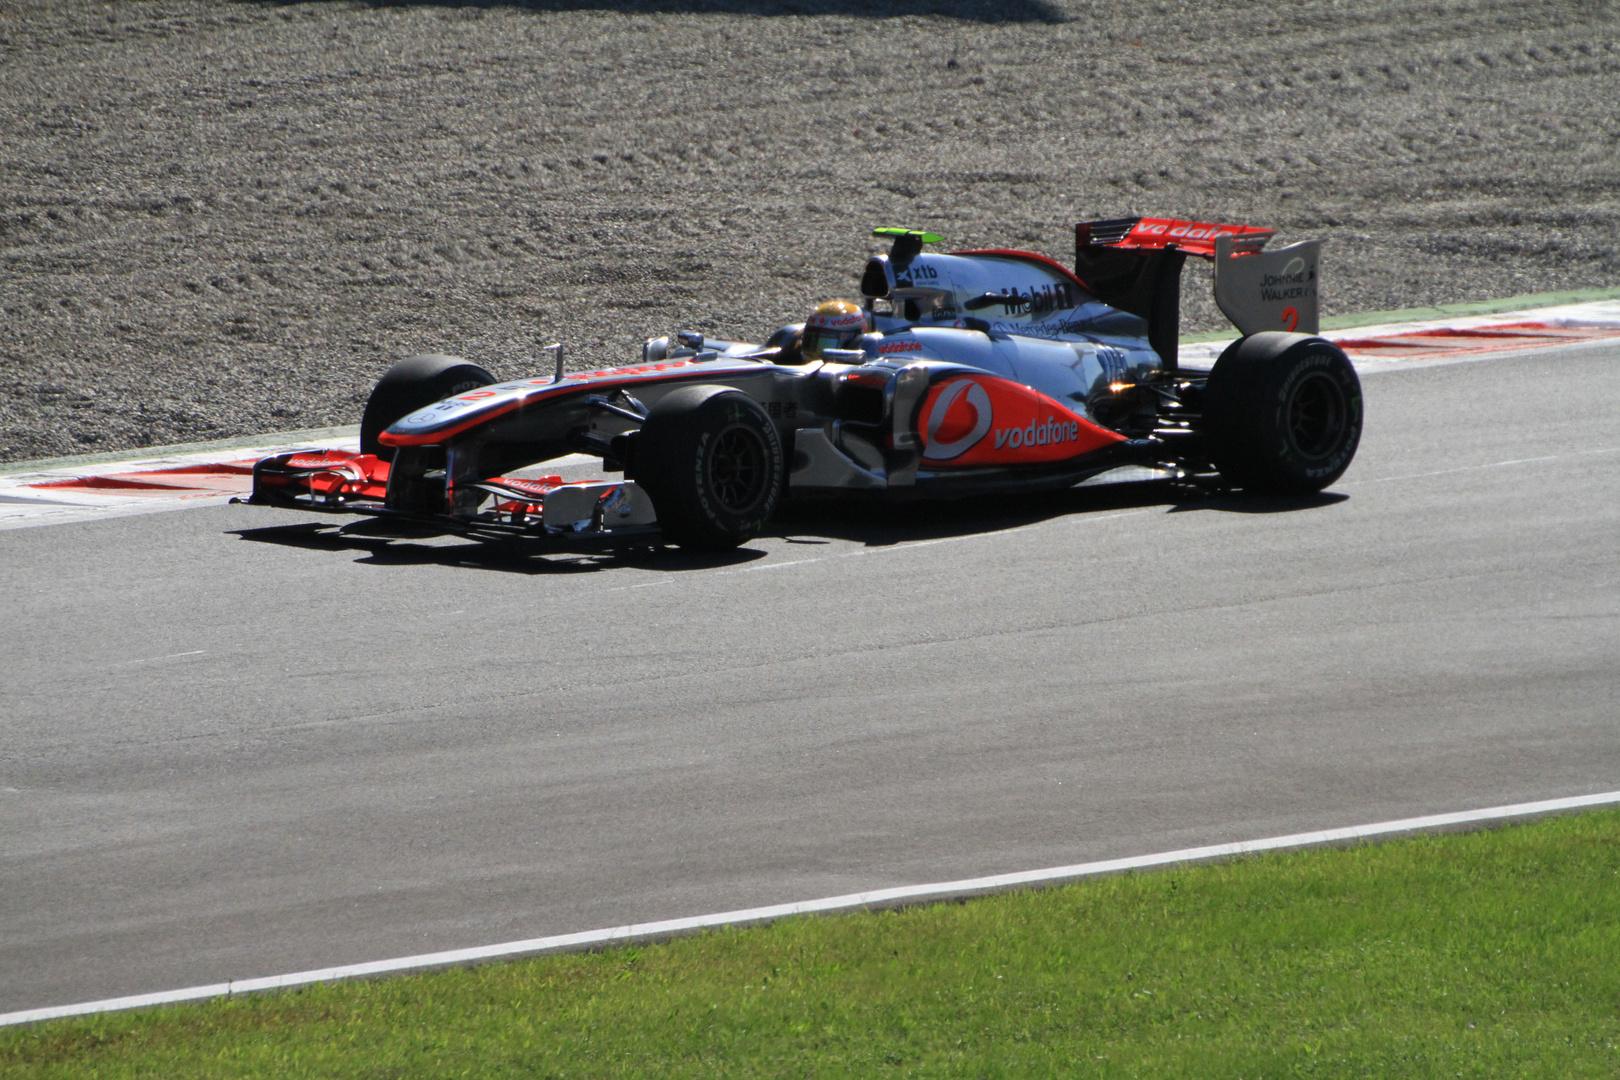 Monza 2010 Formel 1 - Da war Hamilton noch dabei